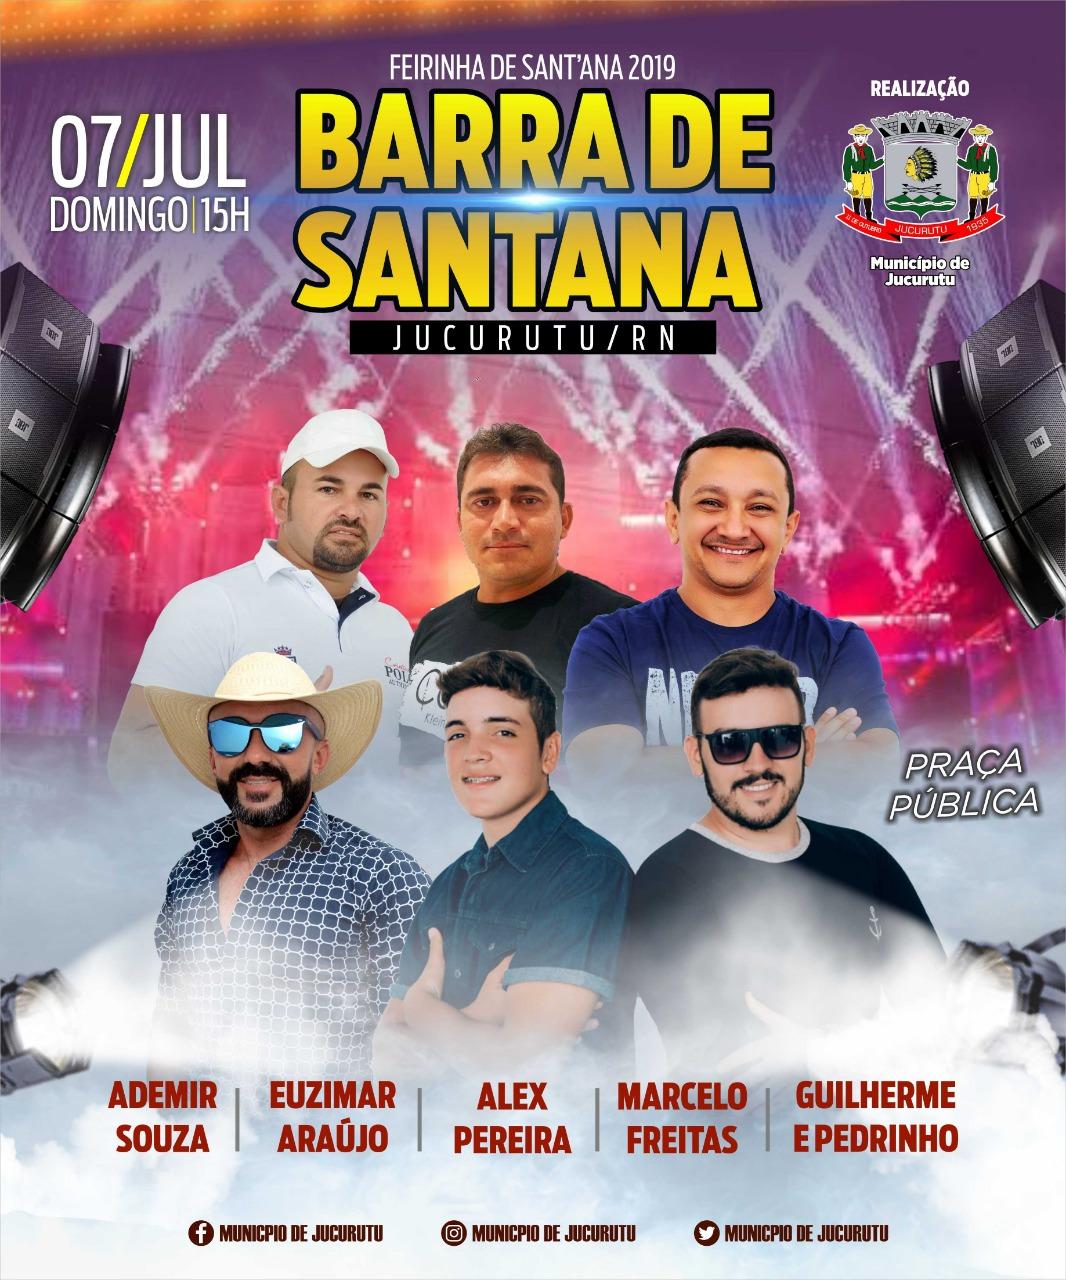 Saiba quem são as atrações que subirão ao palco da Feirinha de Sant´Ana do Distrito Barra de Santana